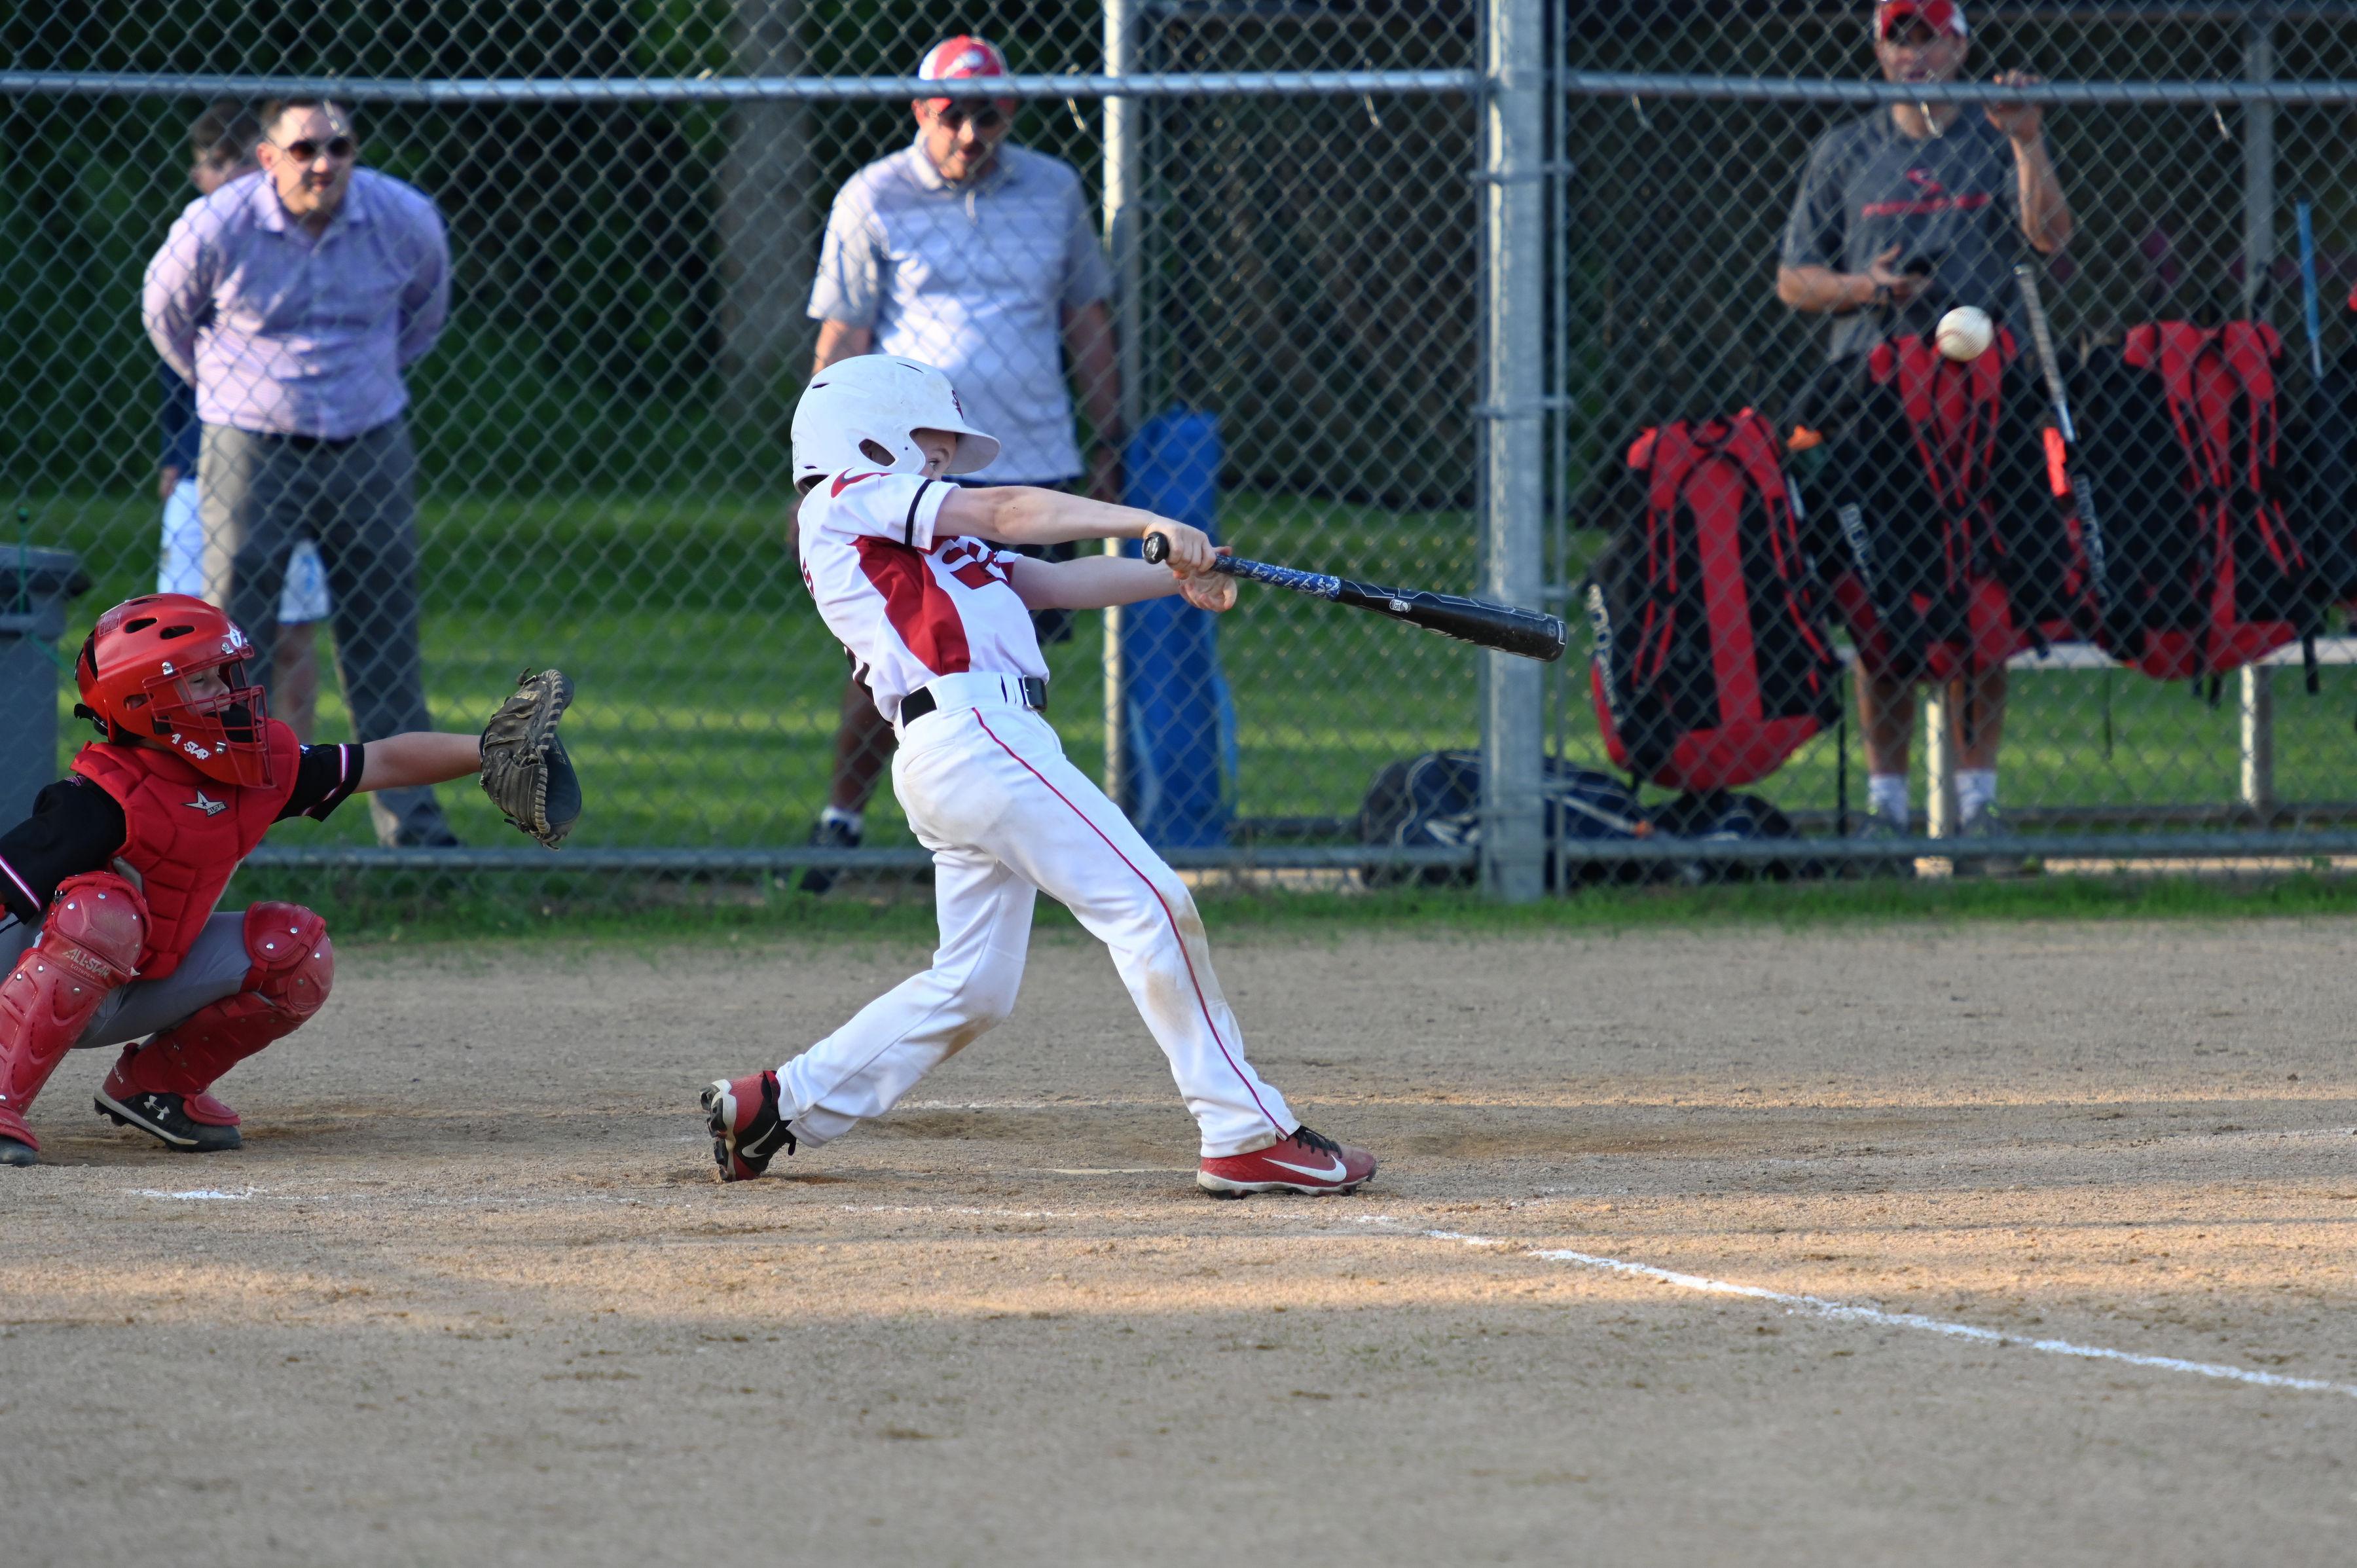 baseball batting drills